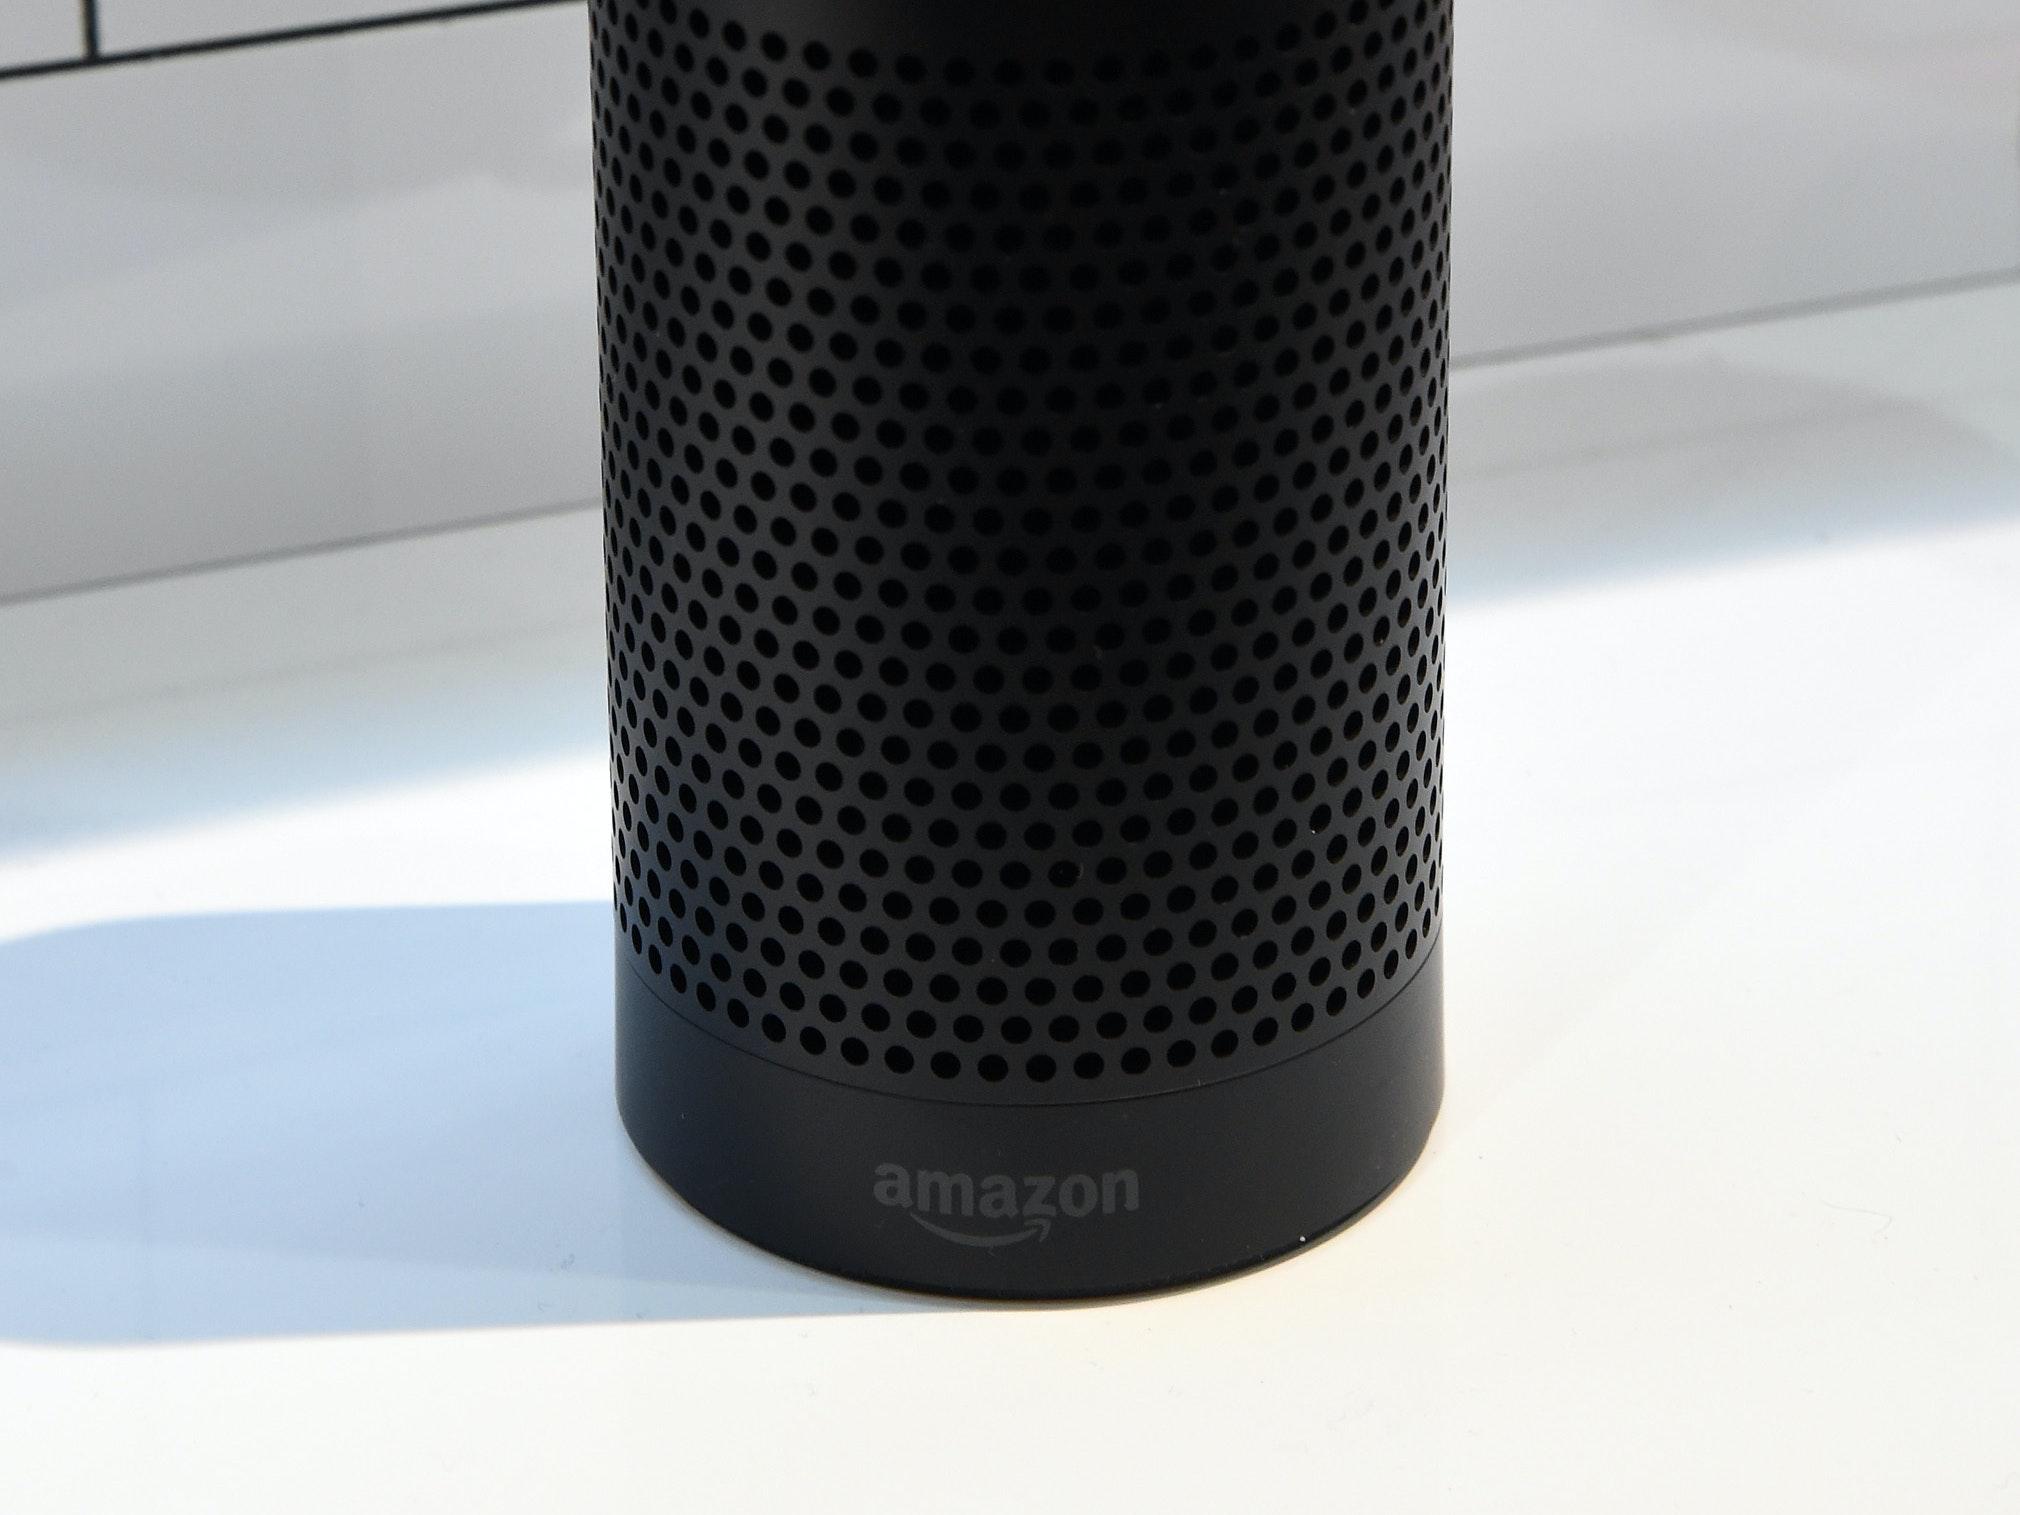 Amazon CEO Jeff Bezos Says 'Star Trek' Inspired Alexa and Echo